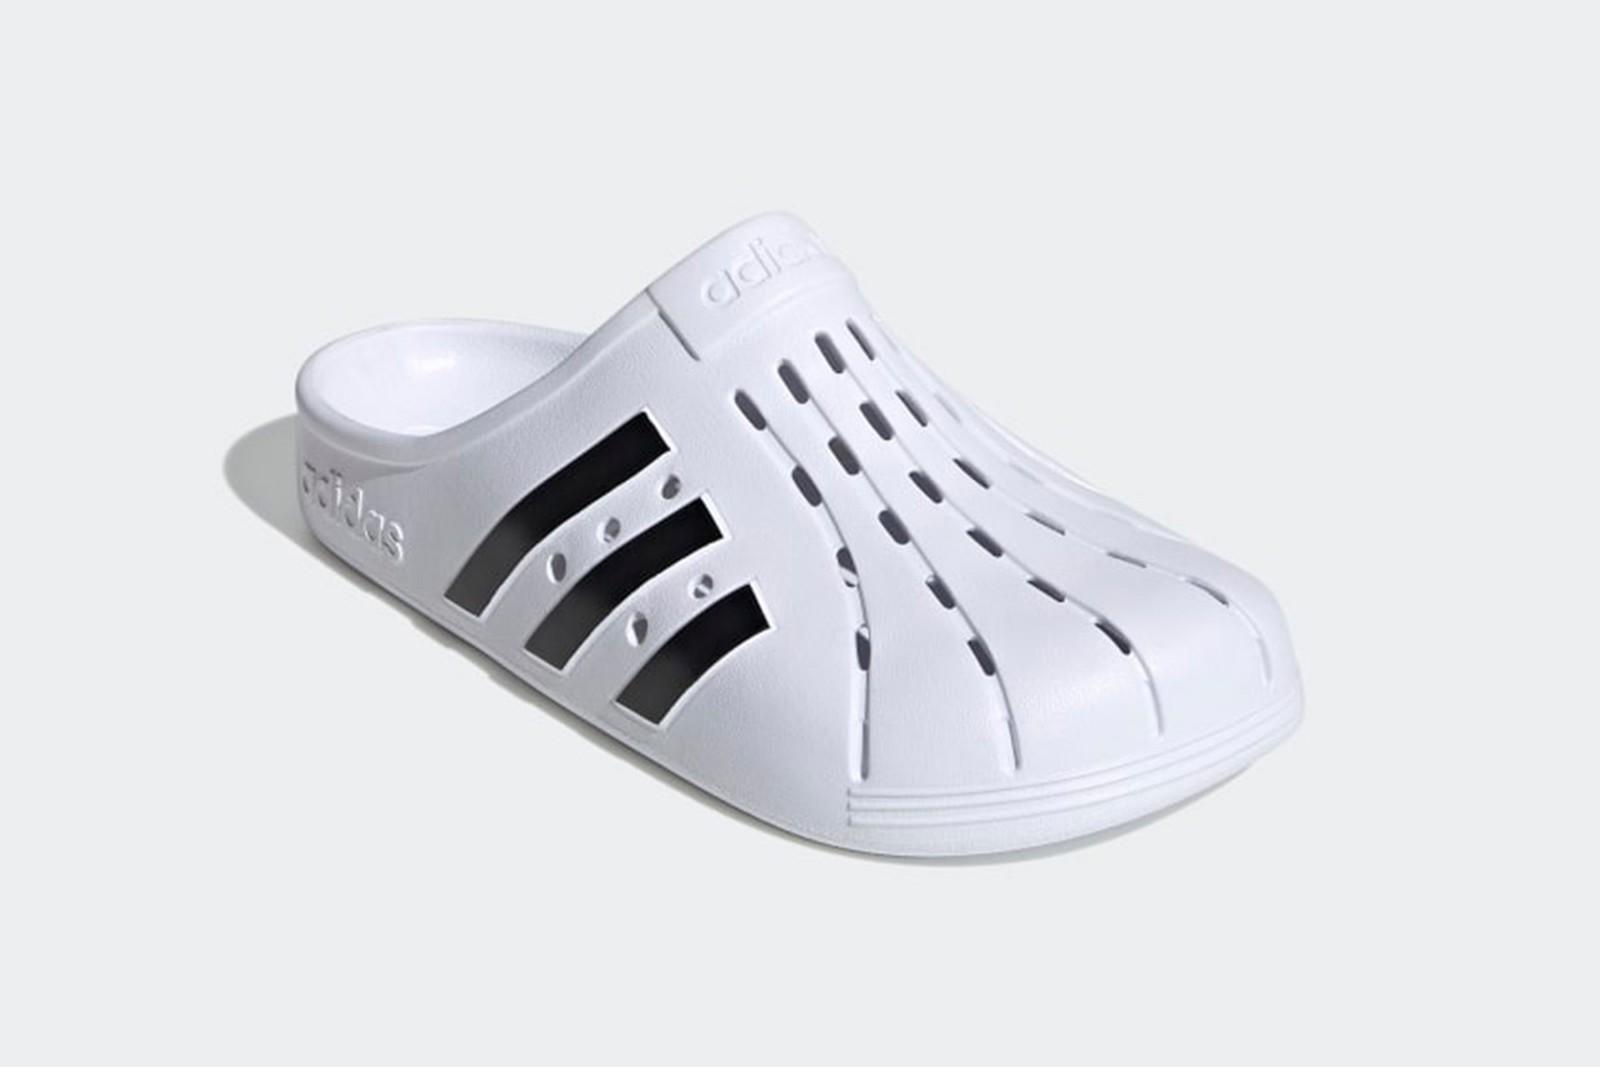 Adidas выпустил свою версию кроксов: сколько стоит новинка - фото 2